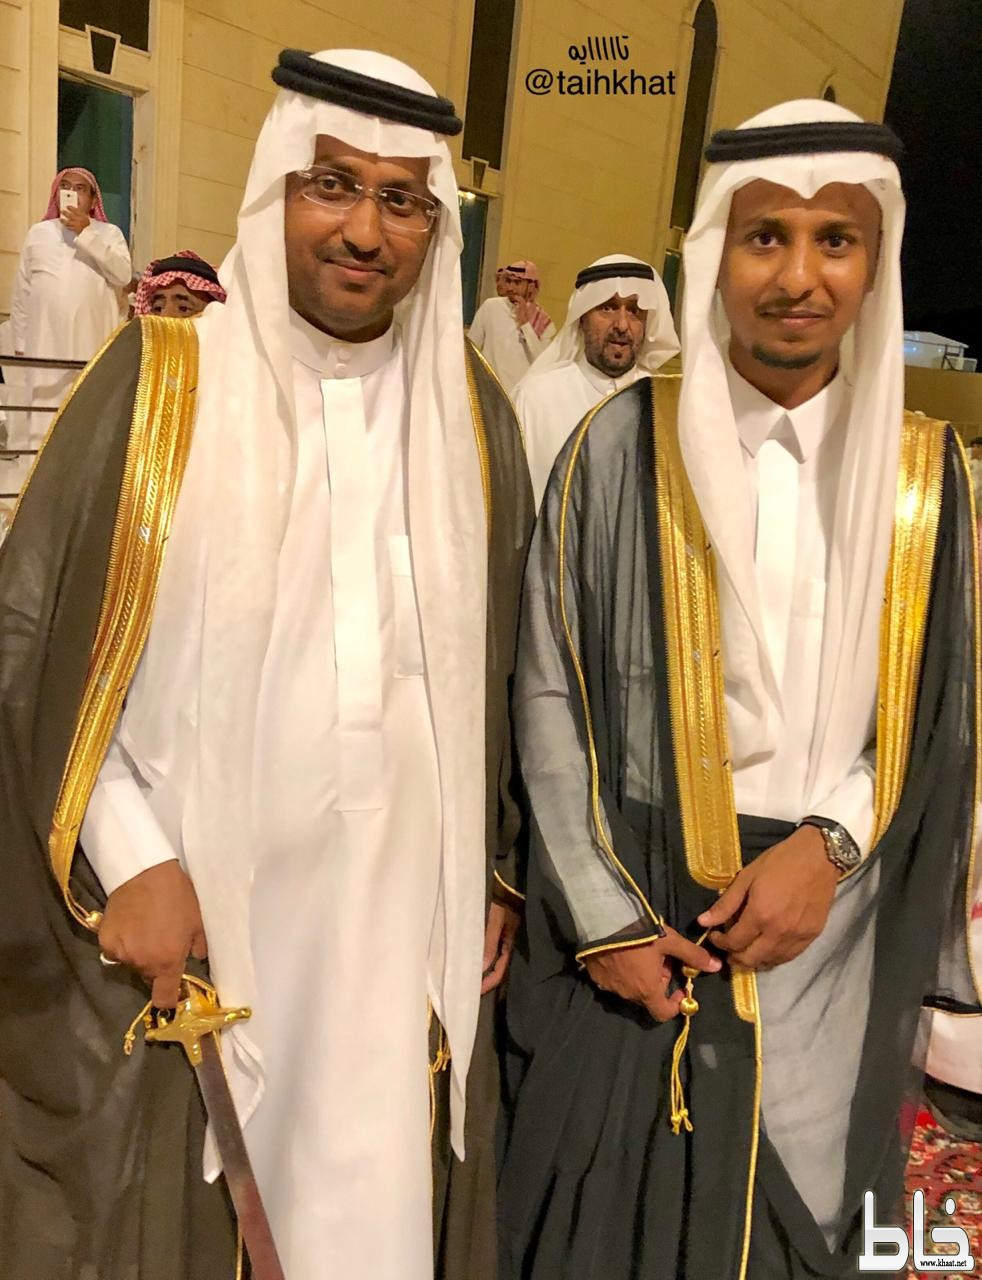 العميد سعد عبدالله العمري يحتفل بزواج ابنه المهندس يحيى